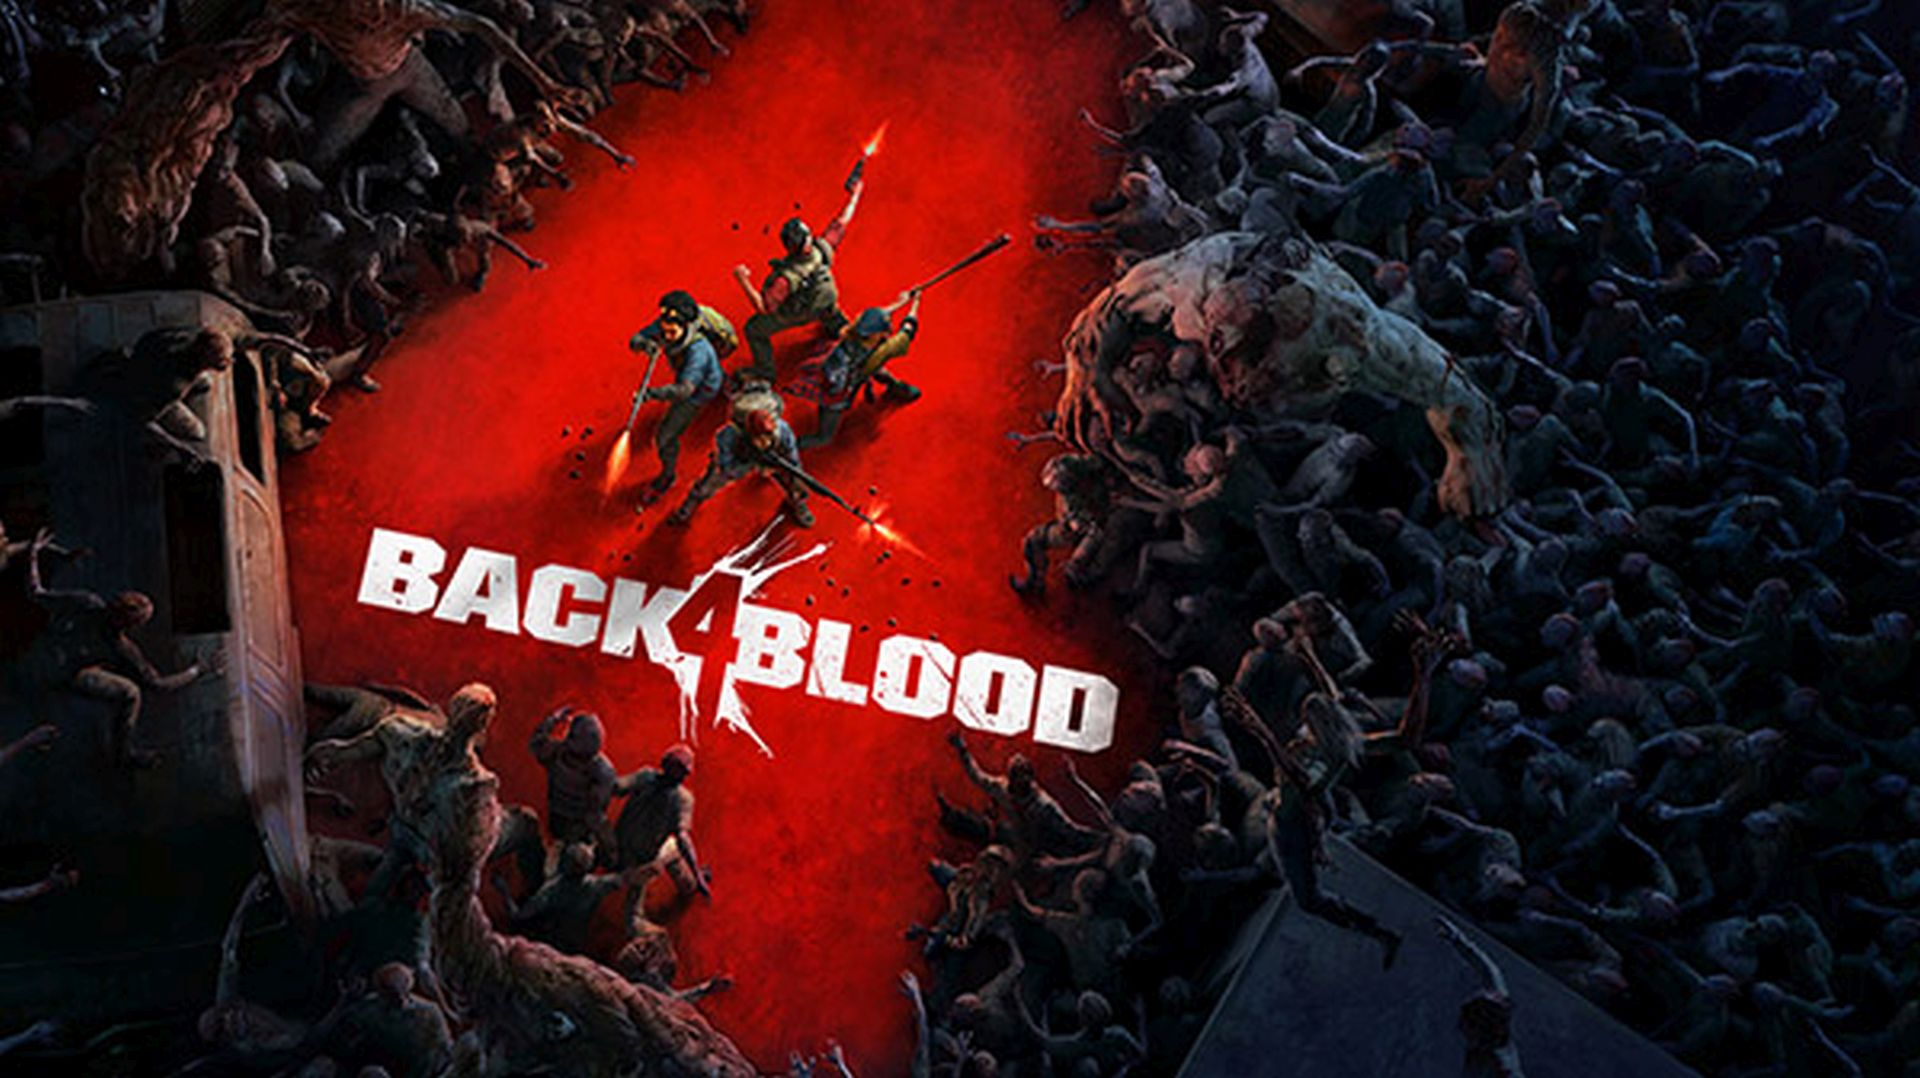 back 4 blood receives